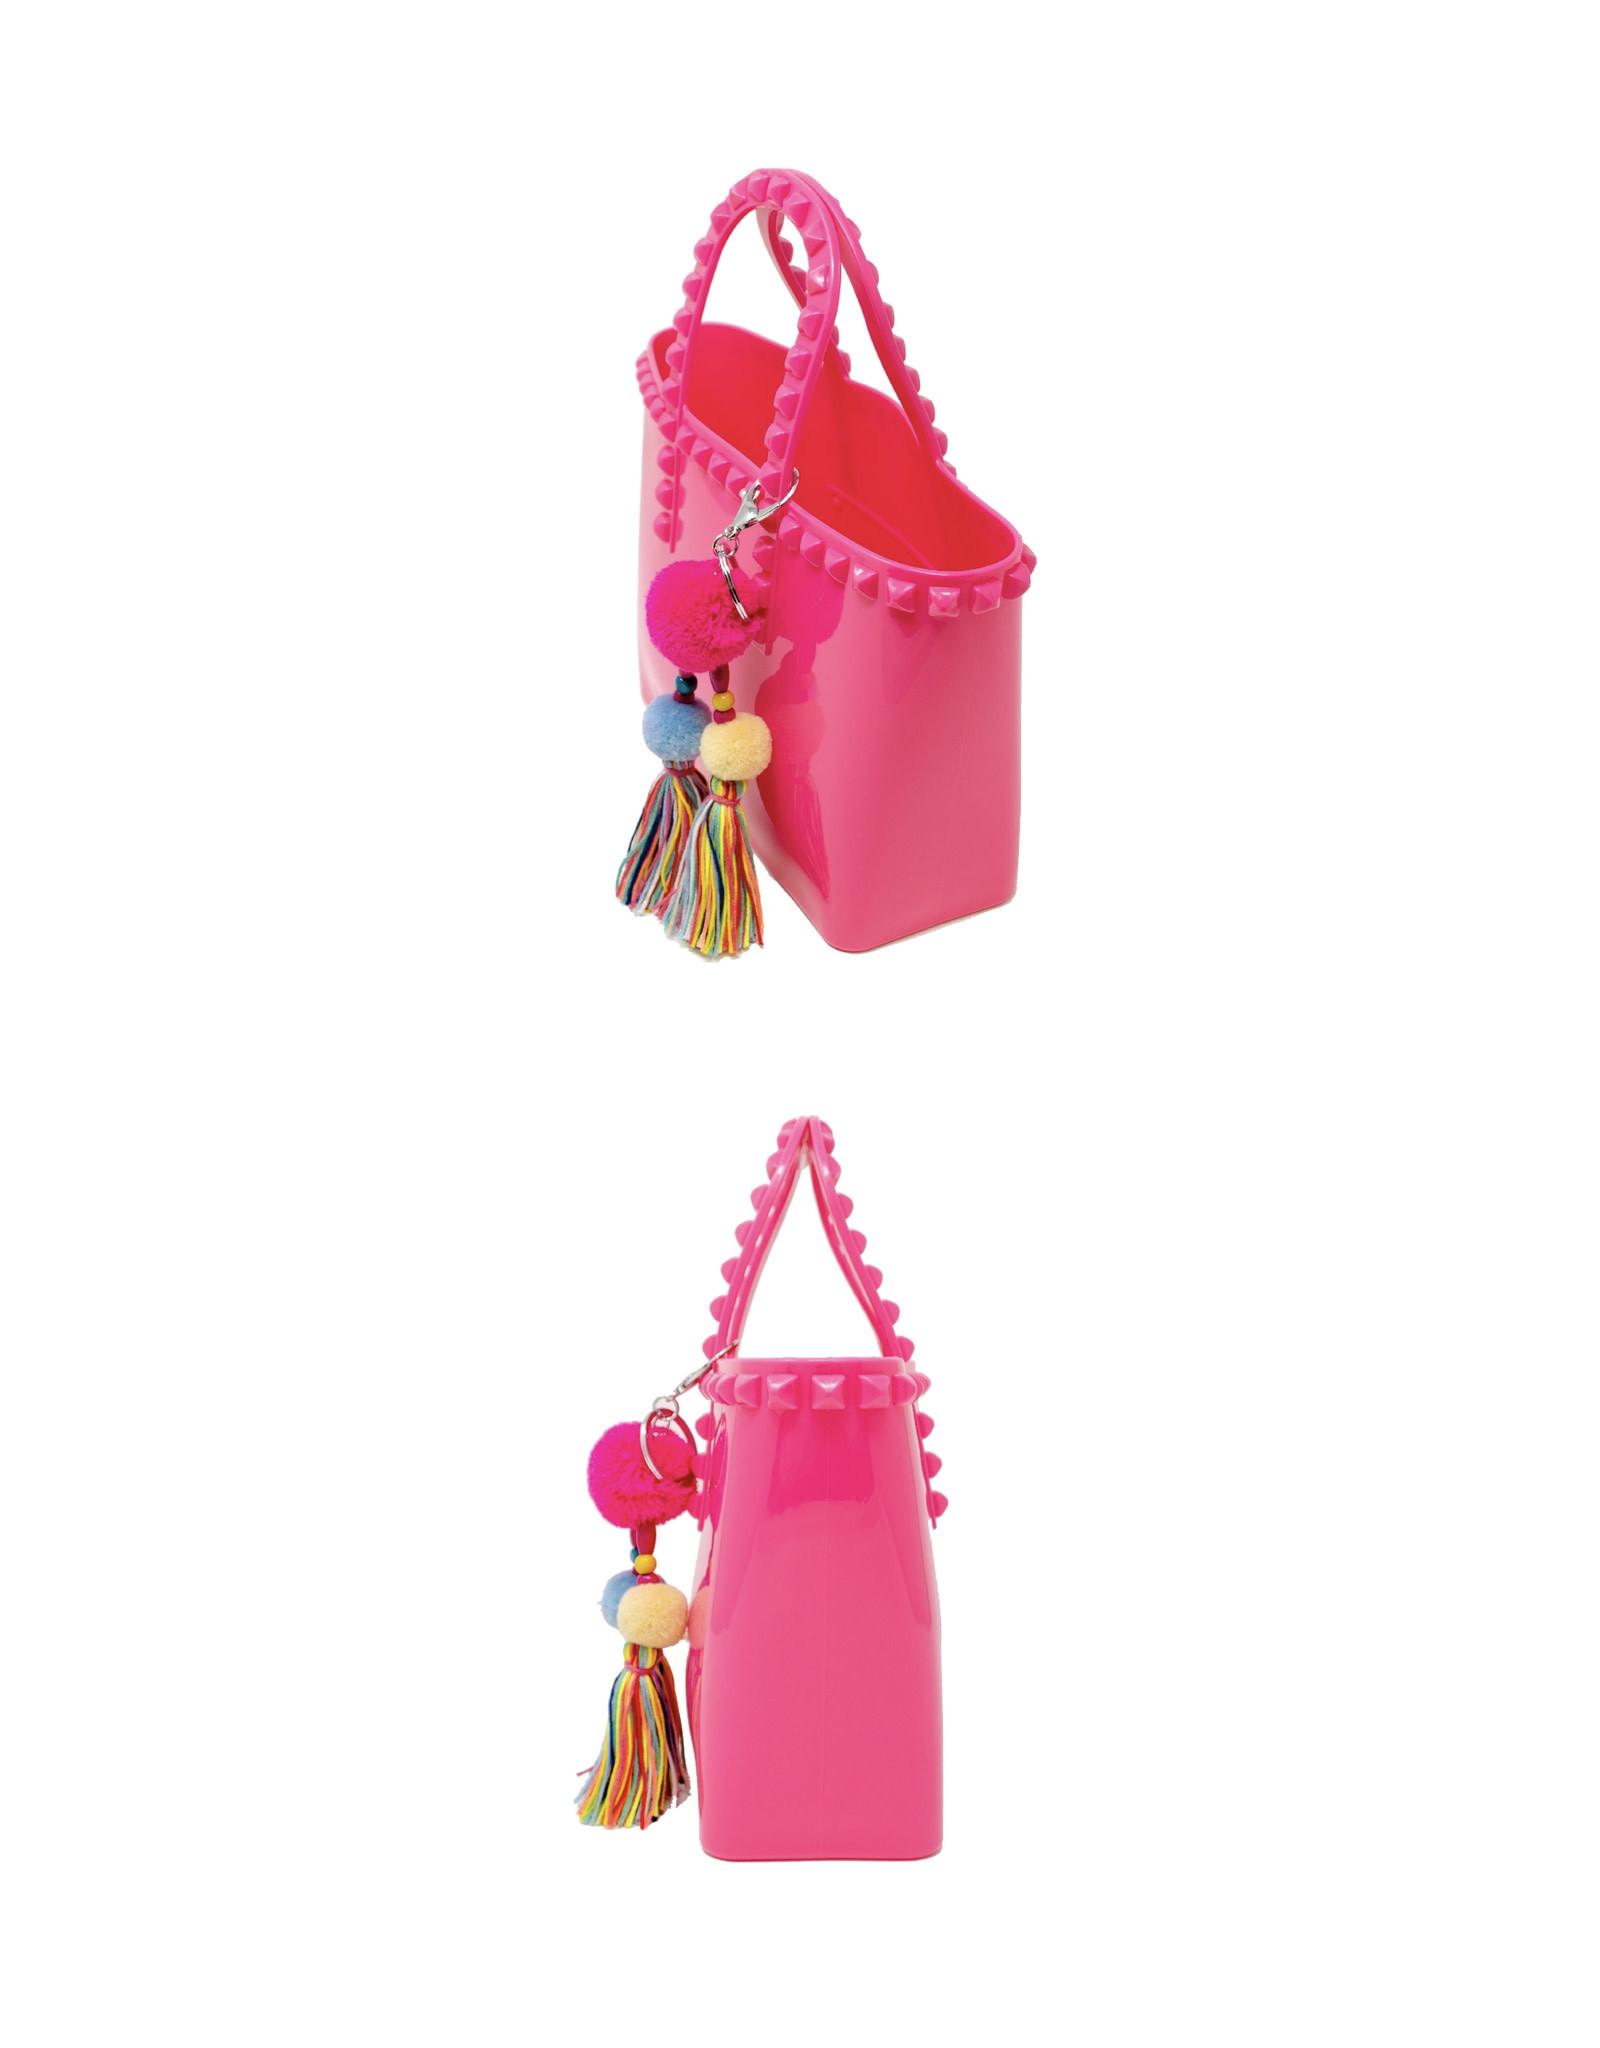 Tiny Treats & Zomi Gems Jumbo Jelly Tote Bag Hot Pink